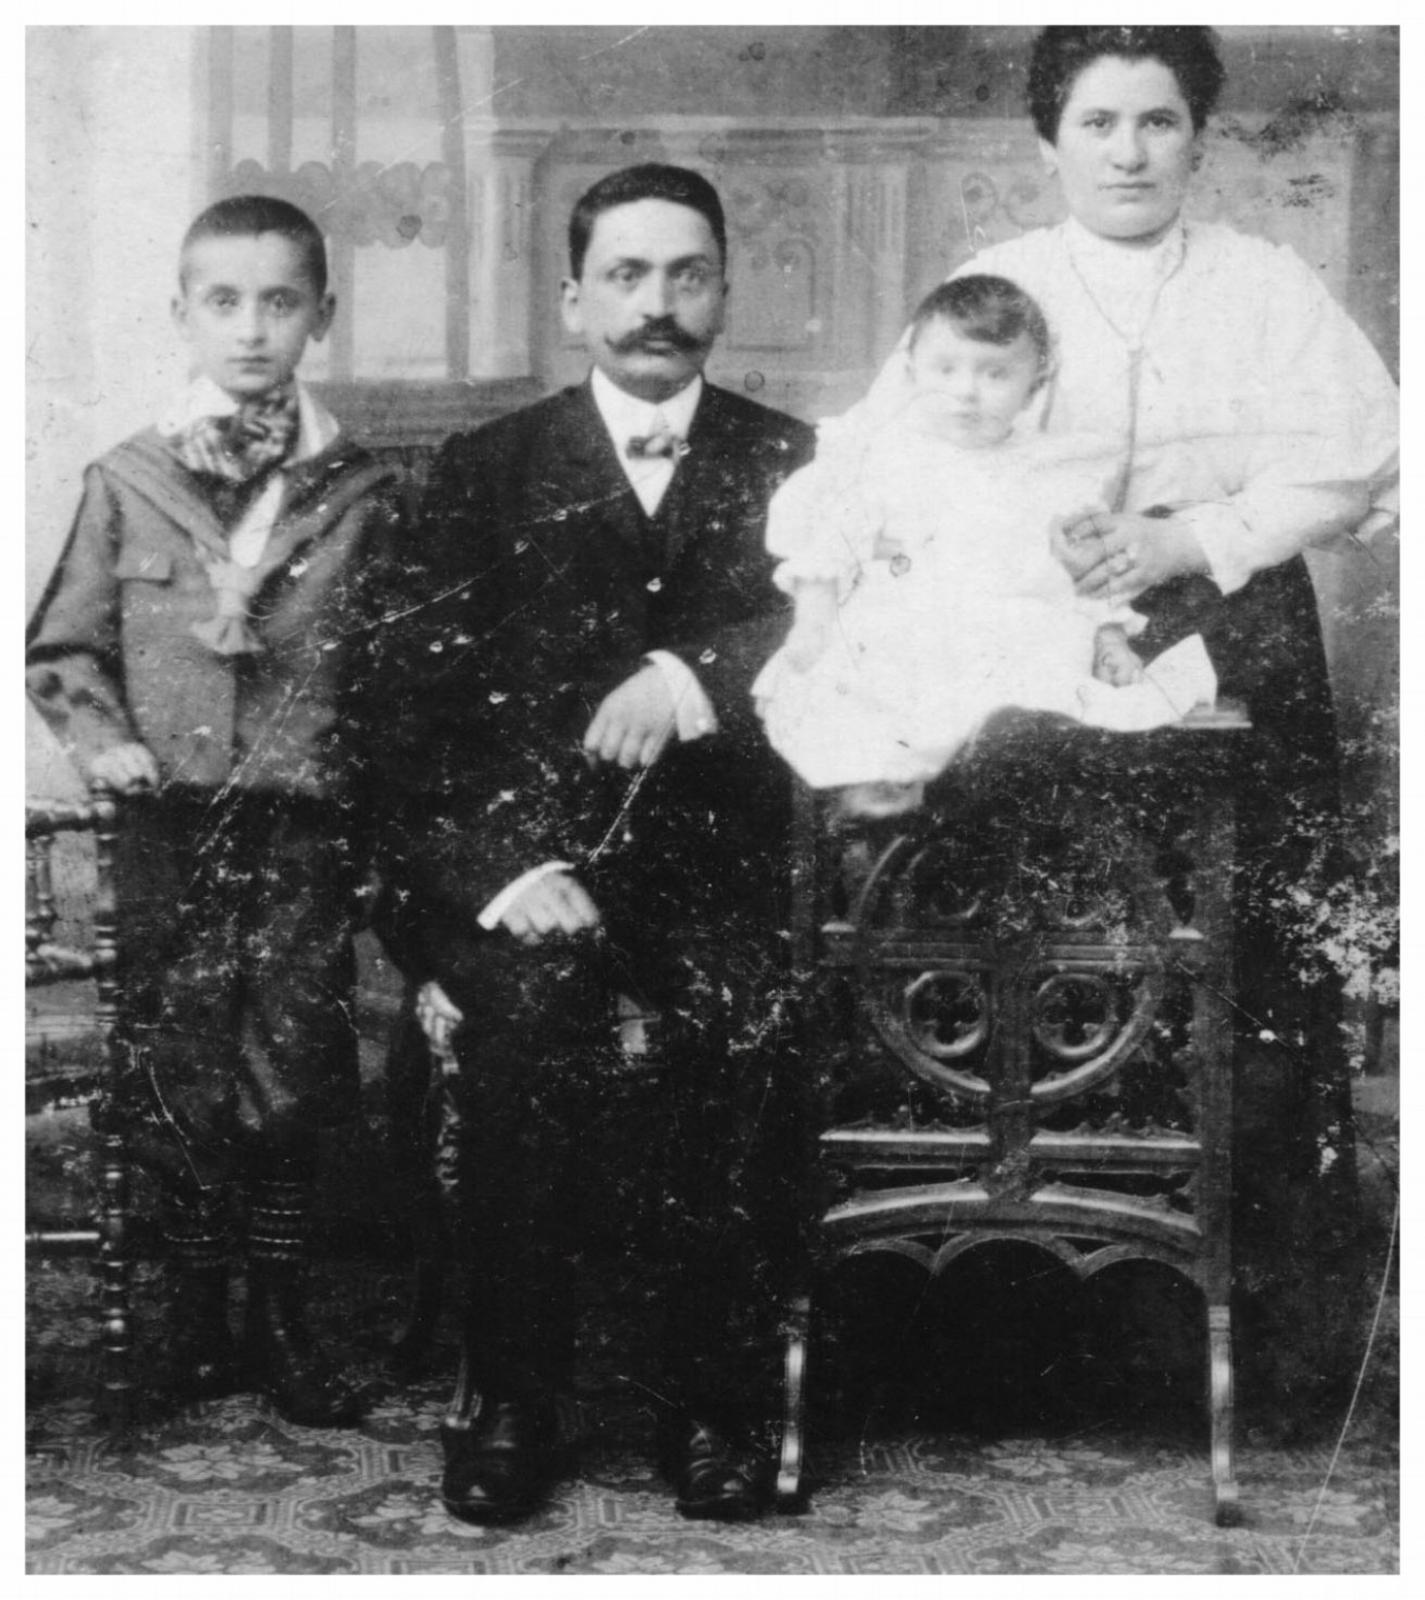 Frieda & Motko Silberstein, Wolf & Eva Silberstein - Berlin 1907